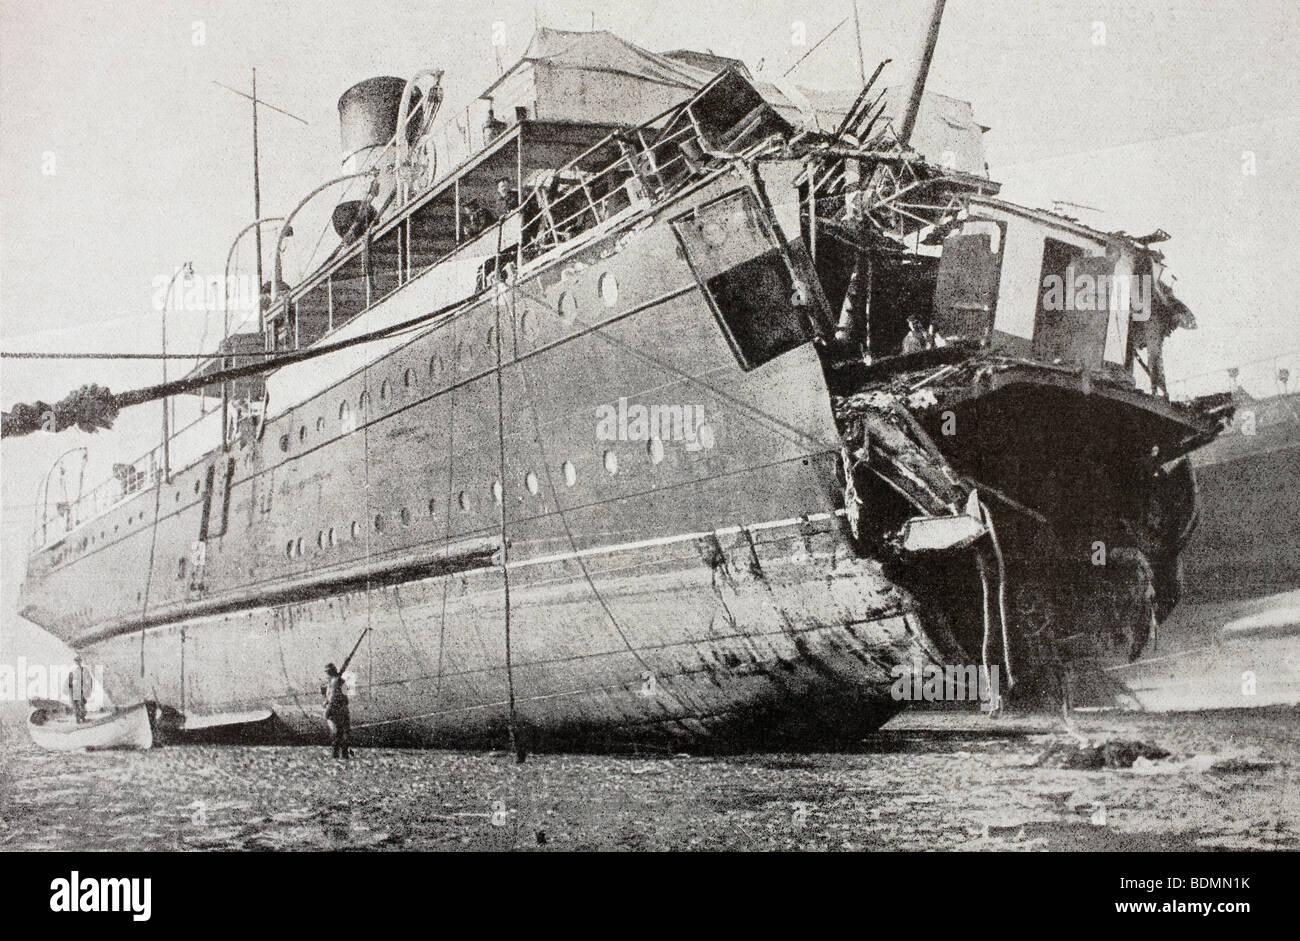 Das französische Passagierschiff Sussex, nachdem sie im März 1916 torpediert wurde. Stockbild